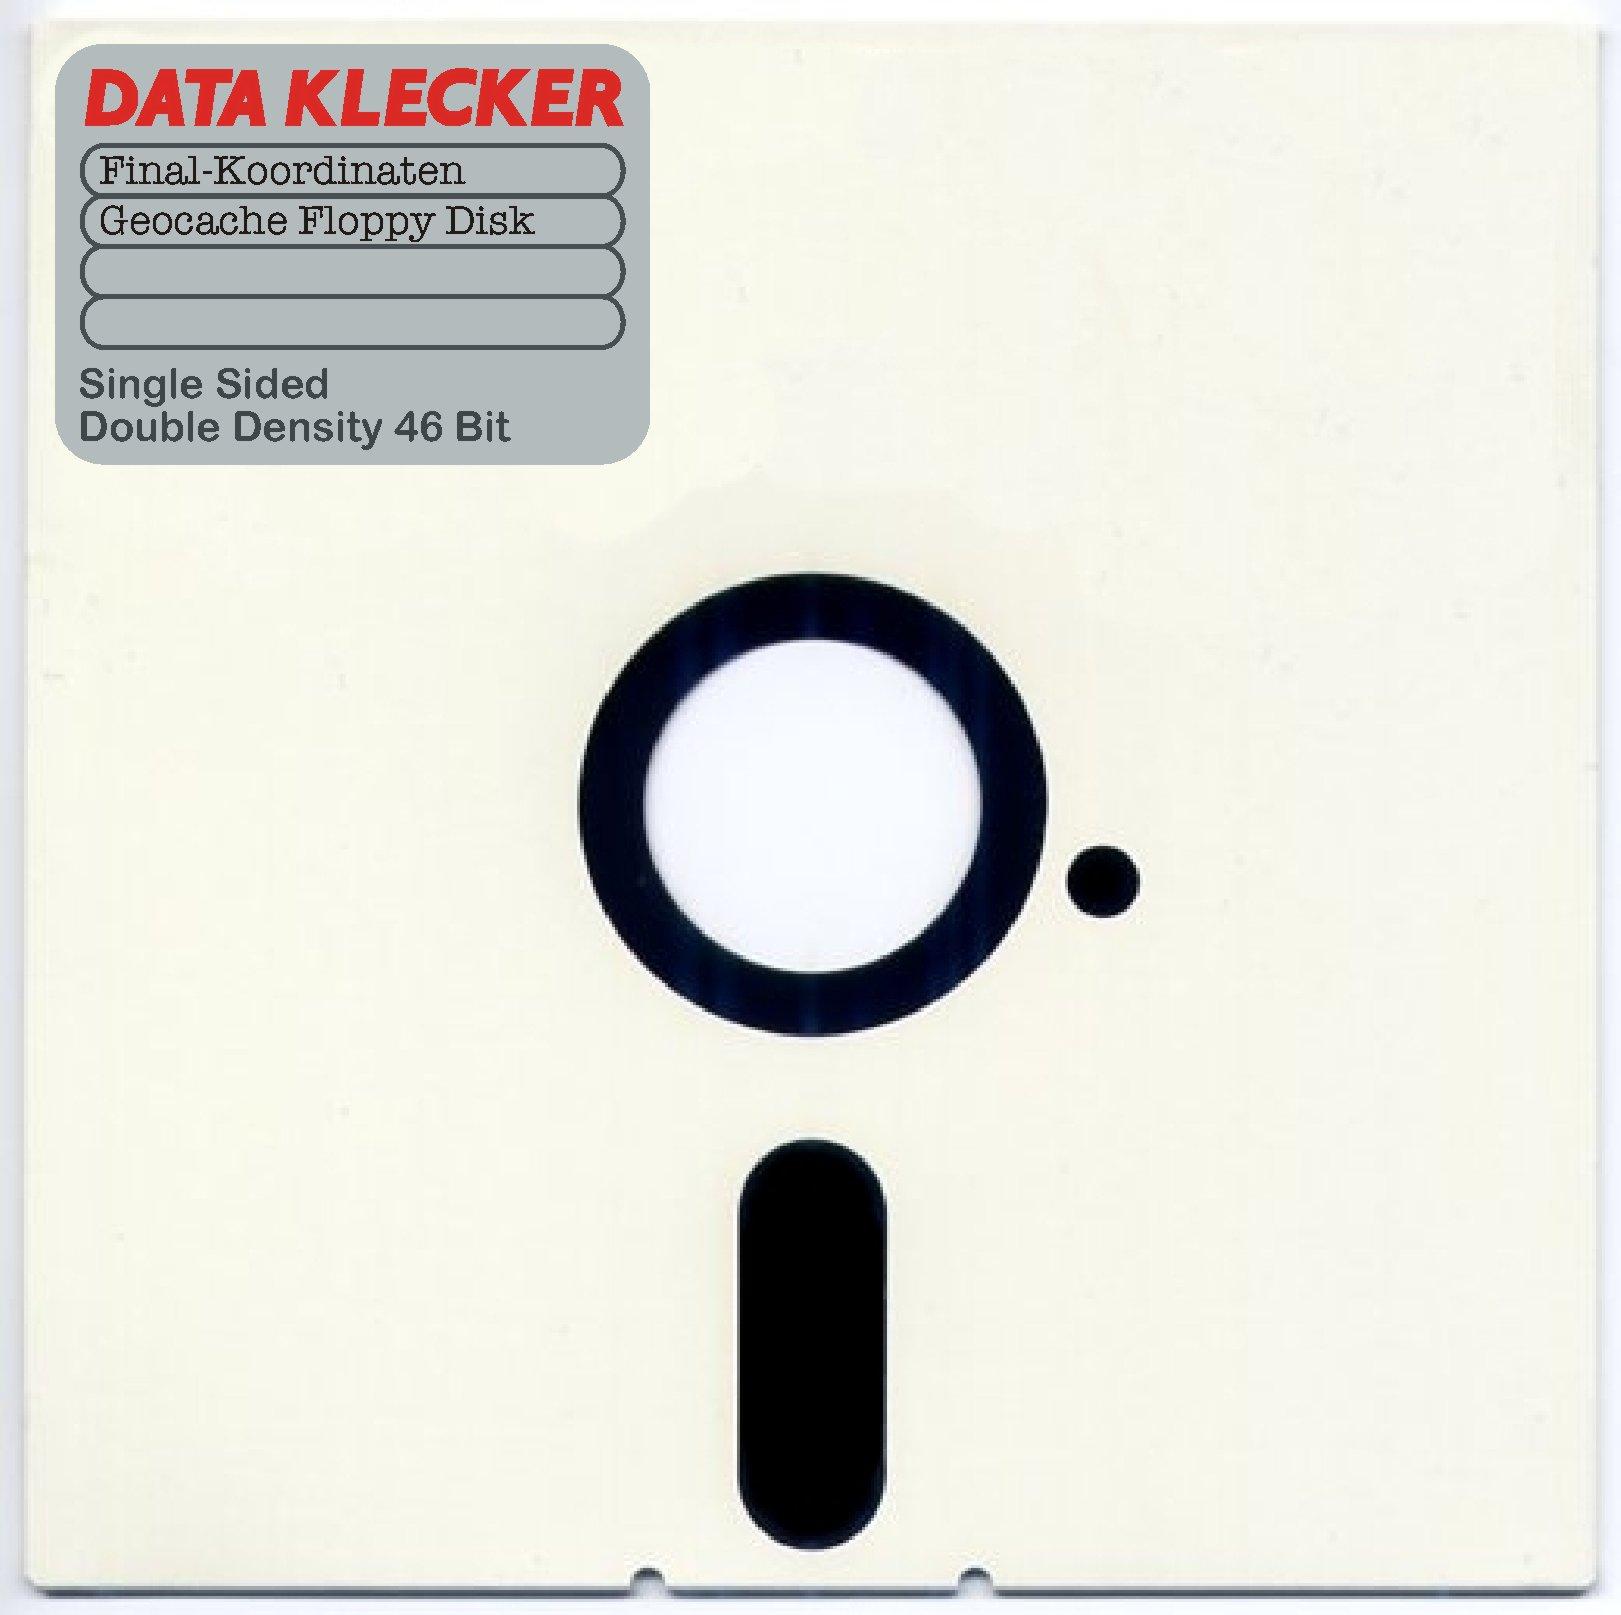 gc3qxbg floppy disk unknown cache in niedersachsen. Black Bedroom Furniture Sets. Home Design Ideas